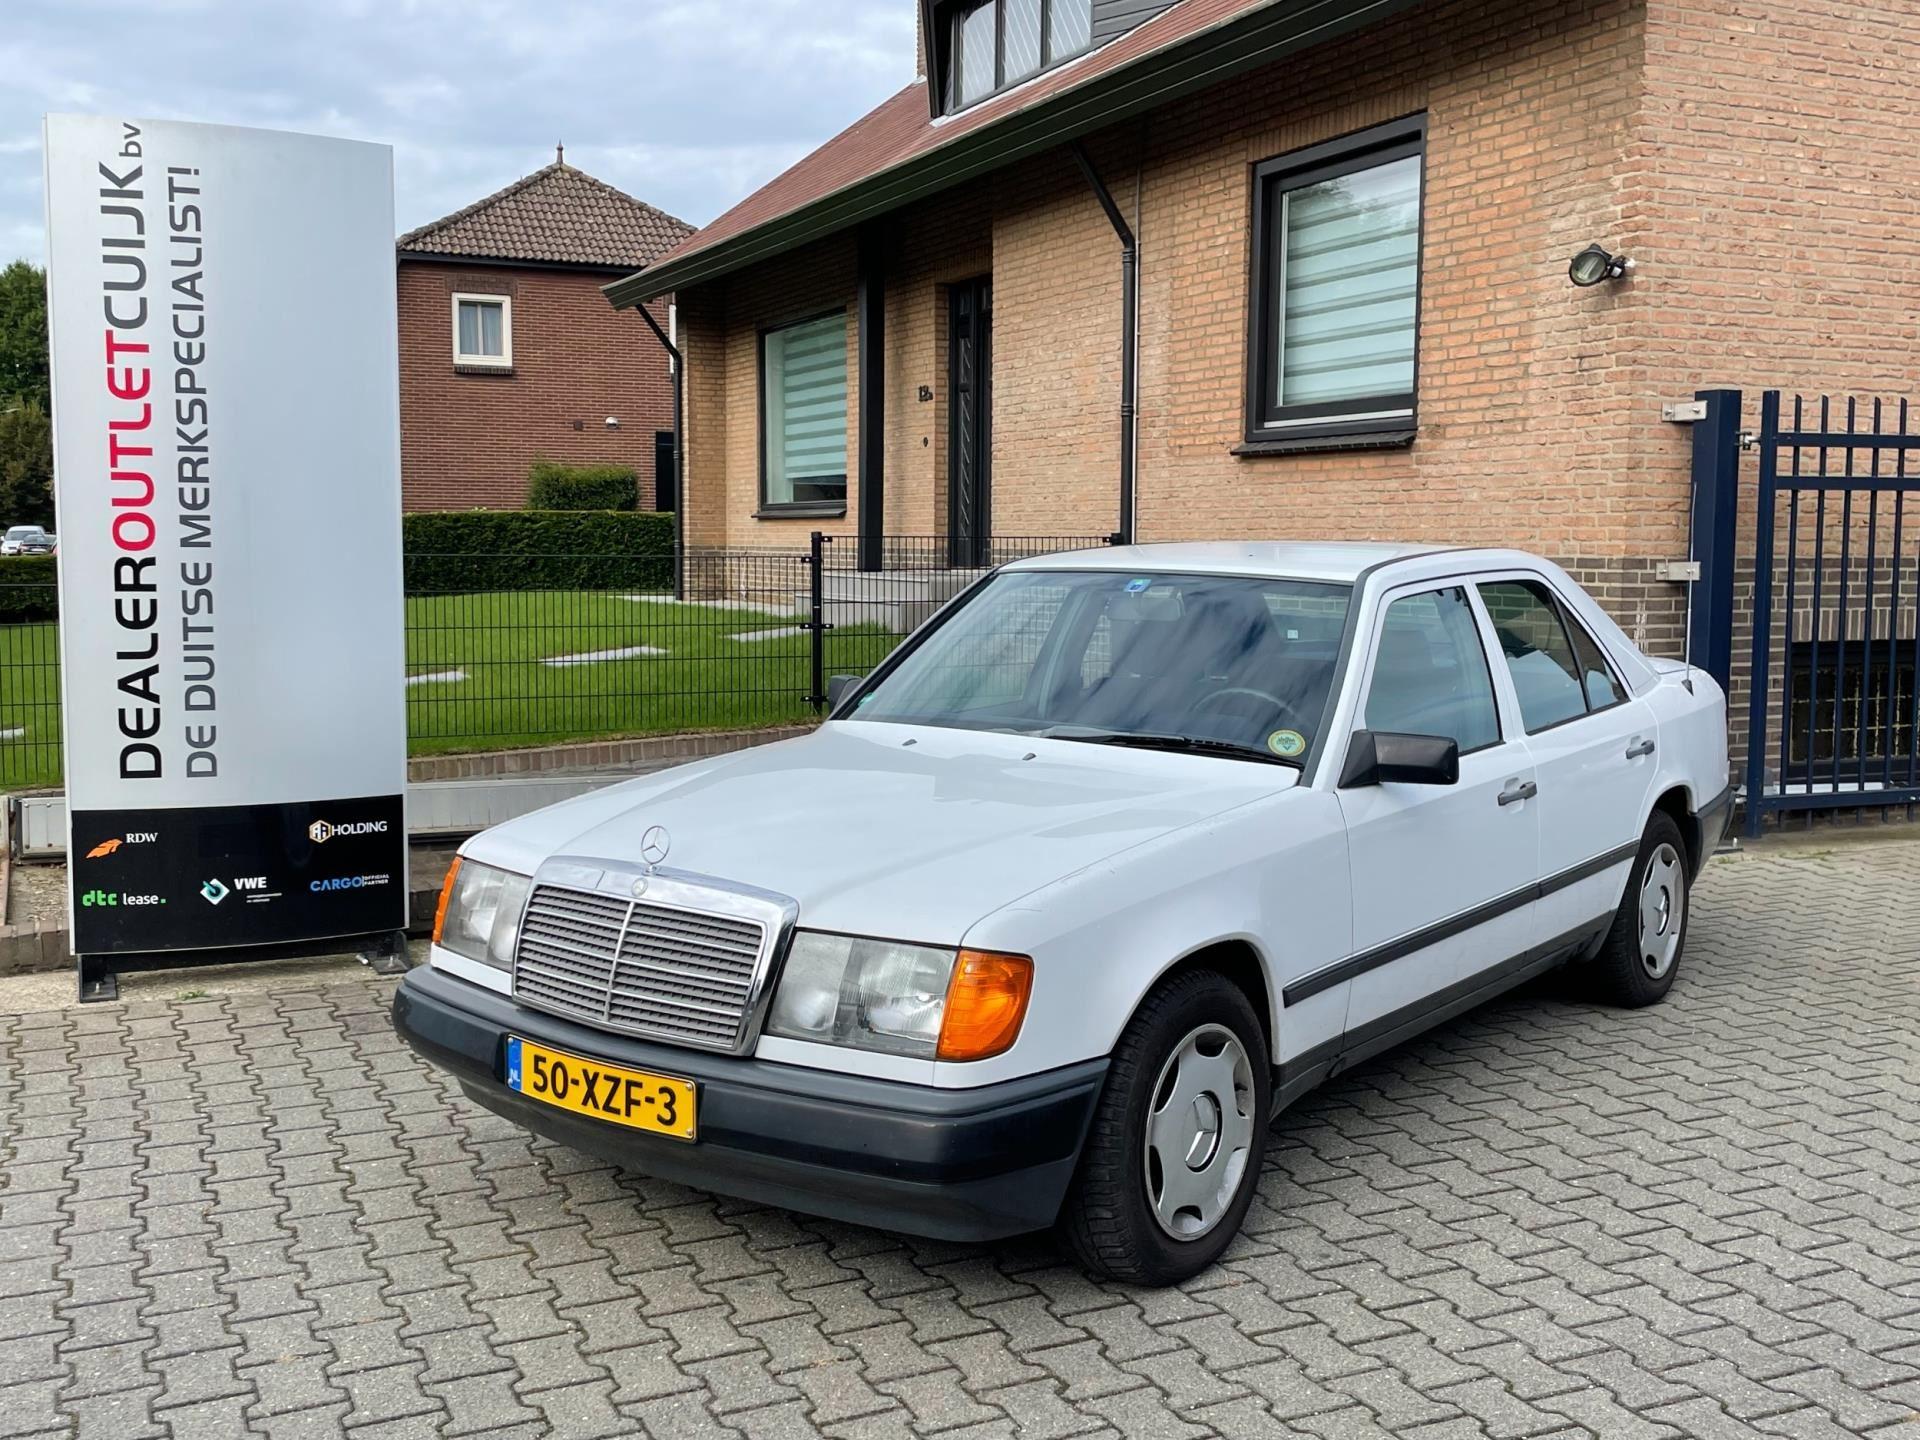 Mercedes-Benz 200-500 W124 occasion - Dealer Outlet Cuijk b.v.